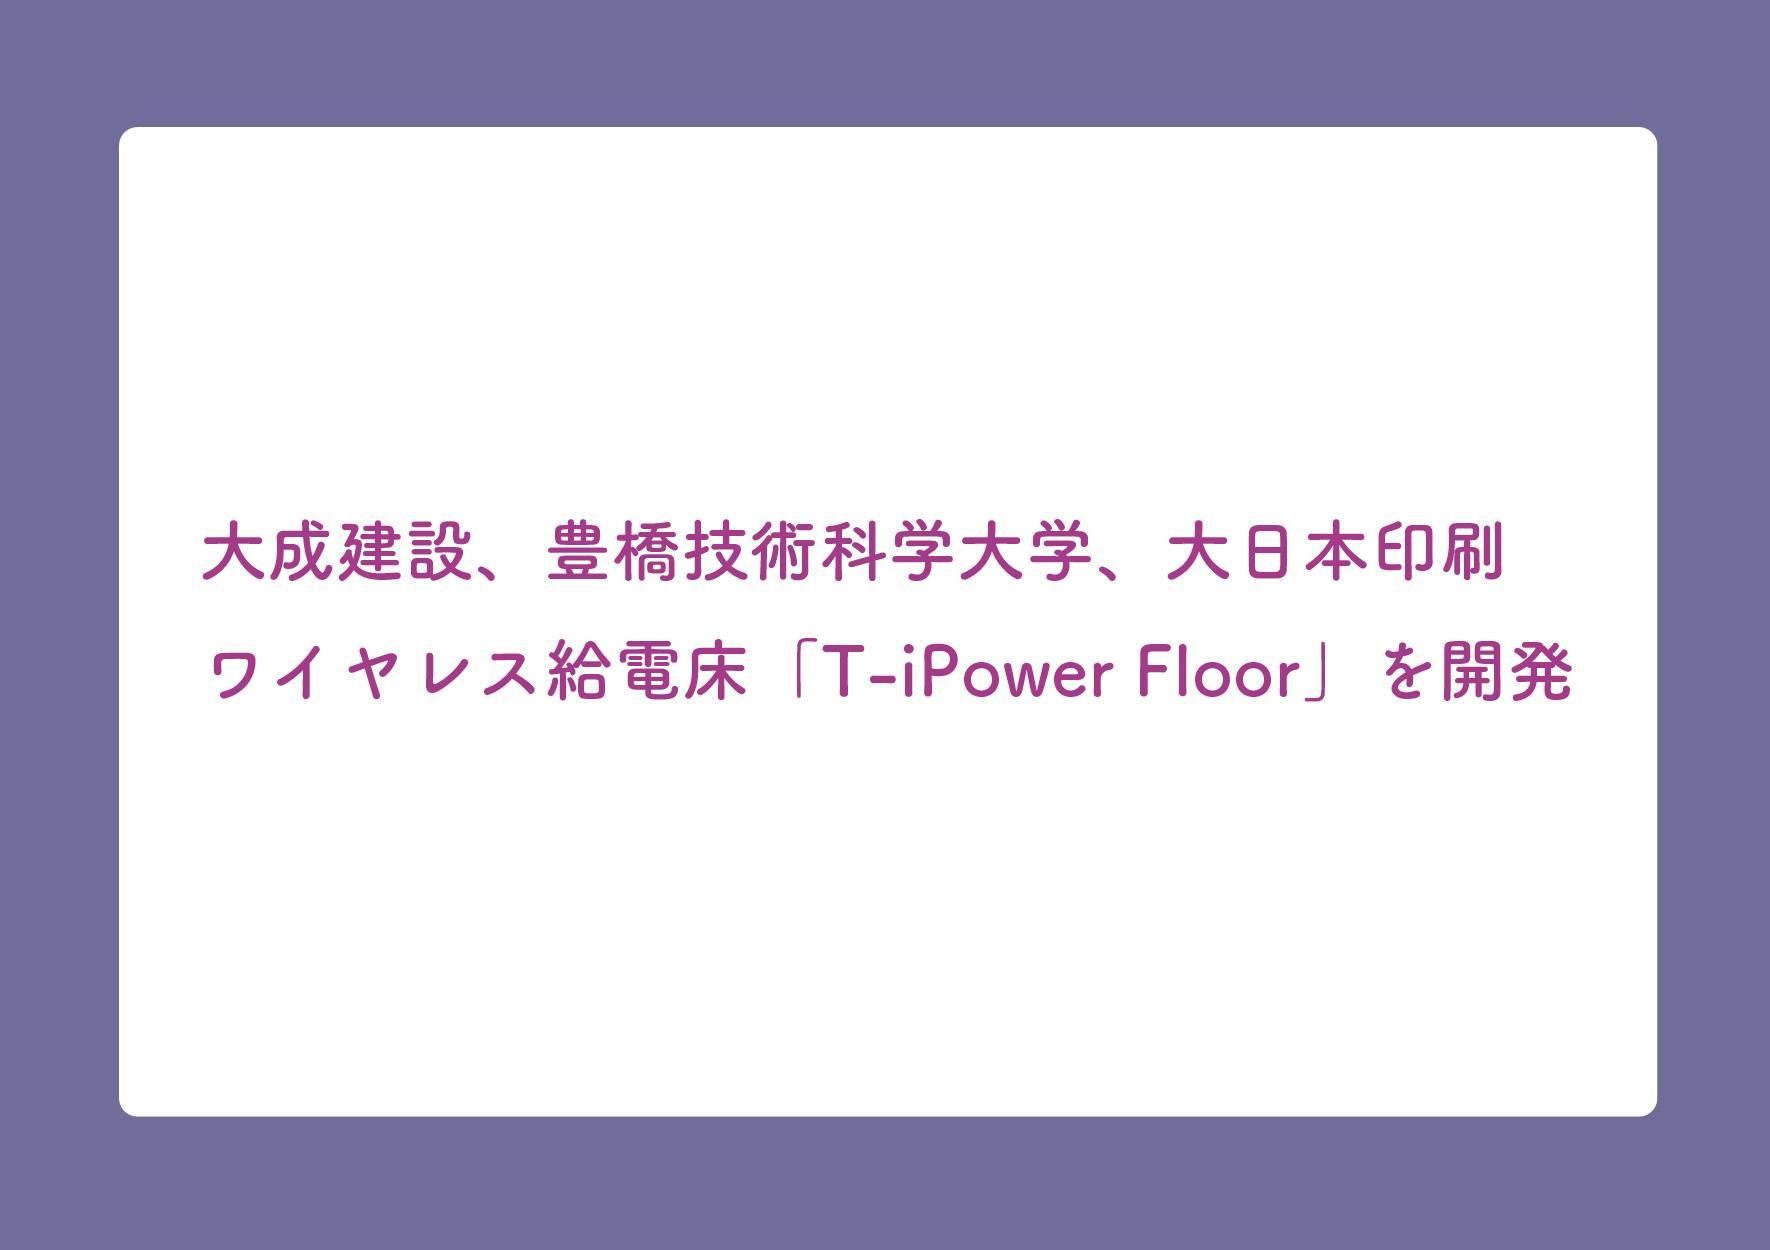 大成建設、豊橋技術科学大学、大日本印刷 ワイヤレス給電床「T-iPower Floor」を開発の画像